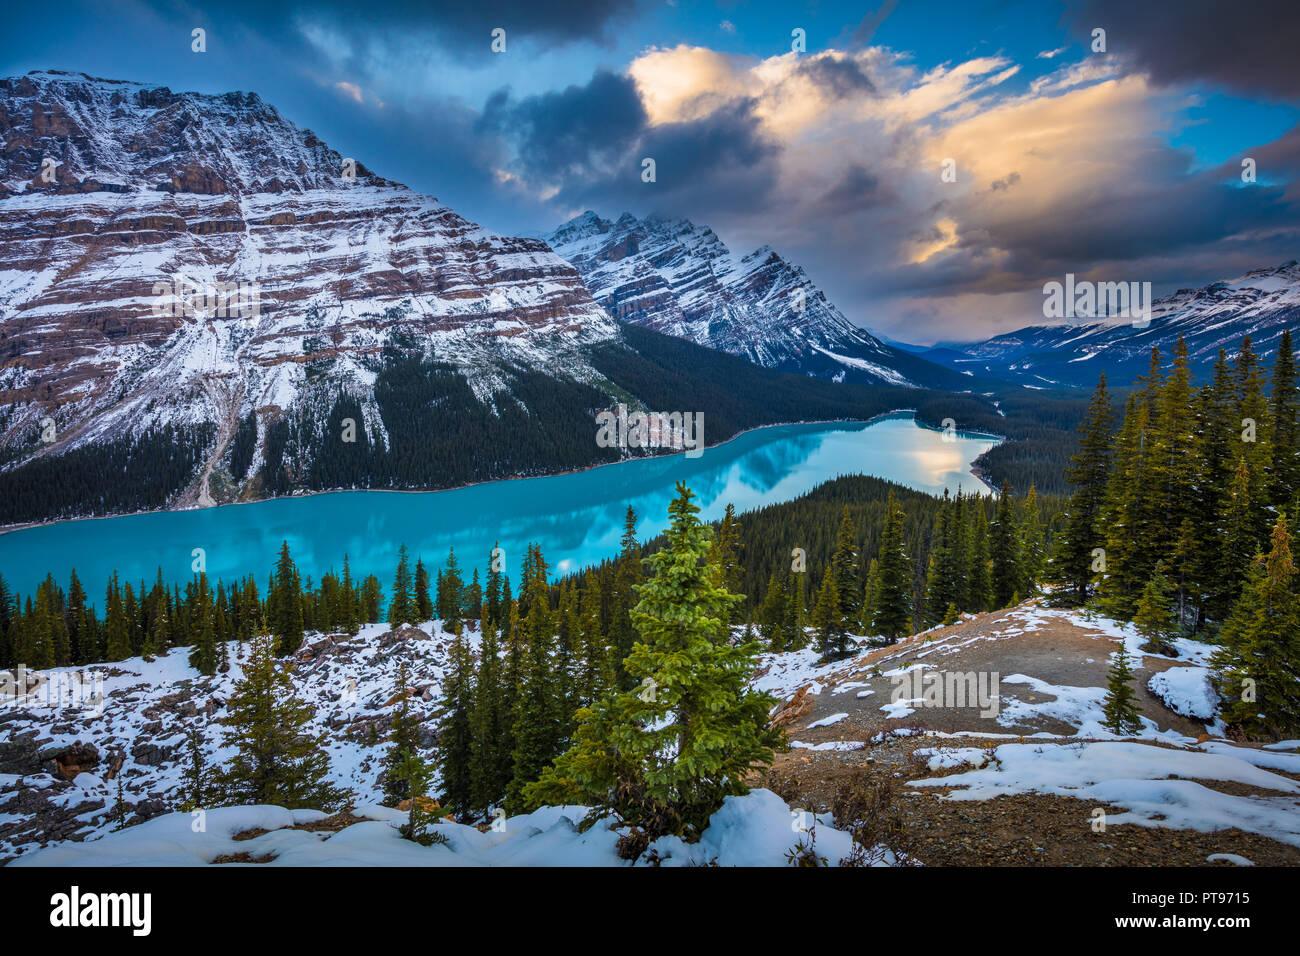 Le glacier Peyto Lake est un lac dans le parc national de Banff dans les Rocheuses canadiennes. Le lac lui-même est facilement accessible depuis la promenade des Glaciers. Photo Stock